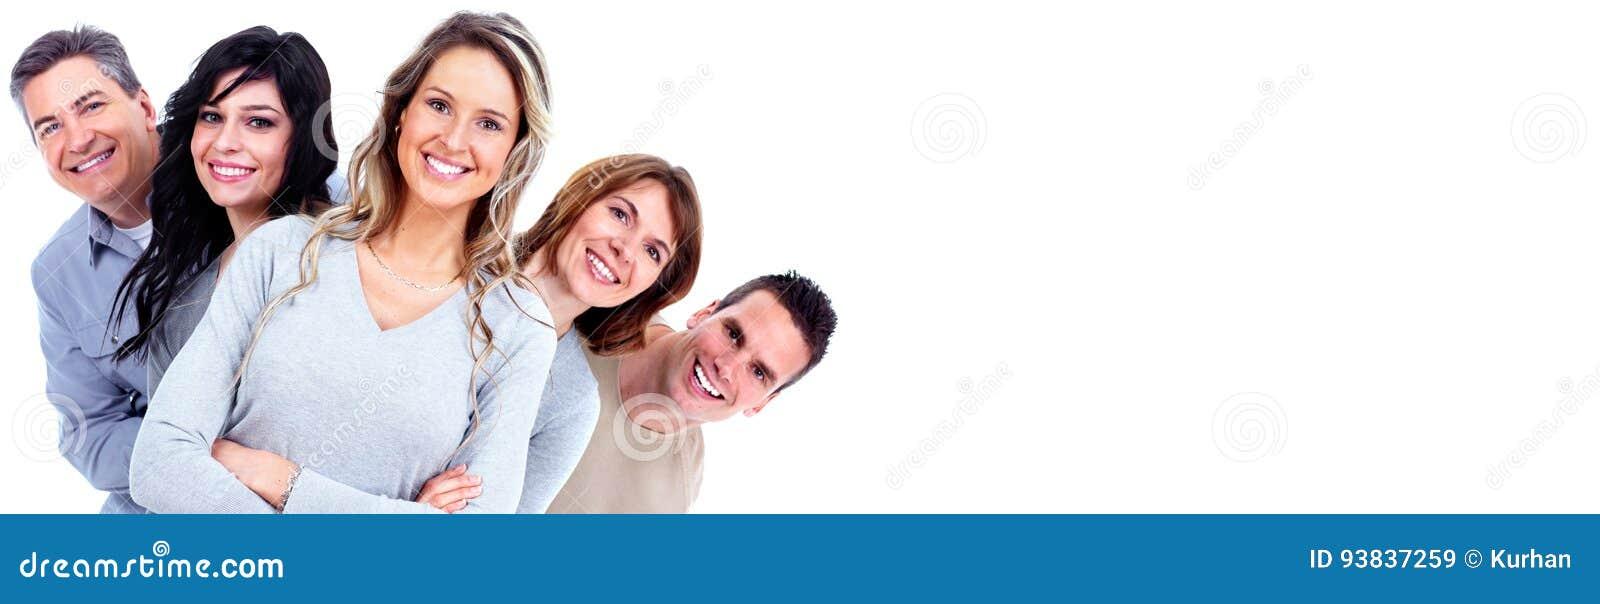 Caras sonrientes de la gente